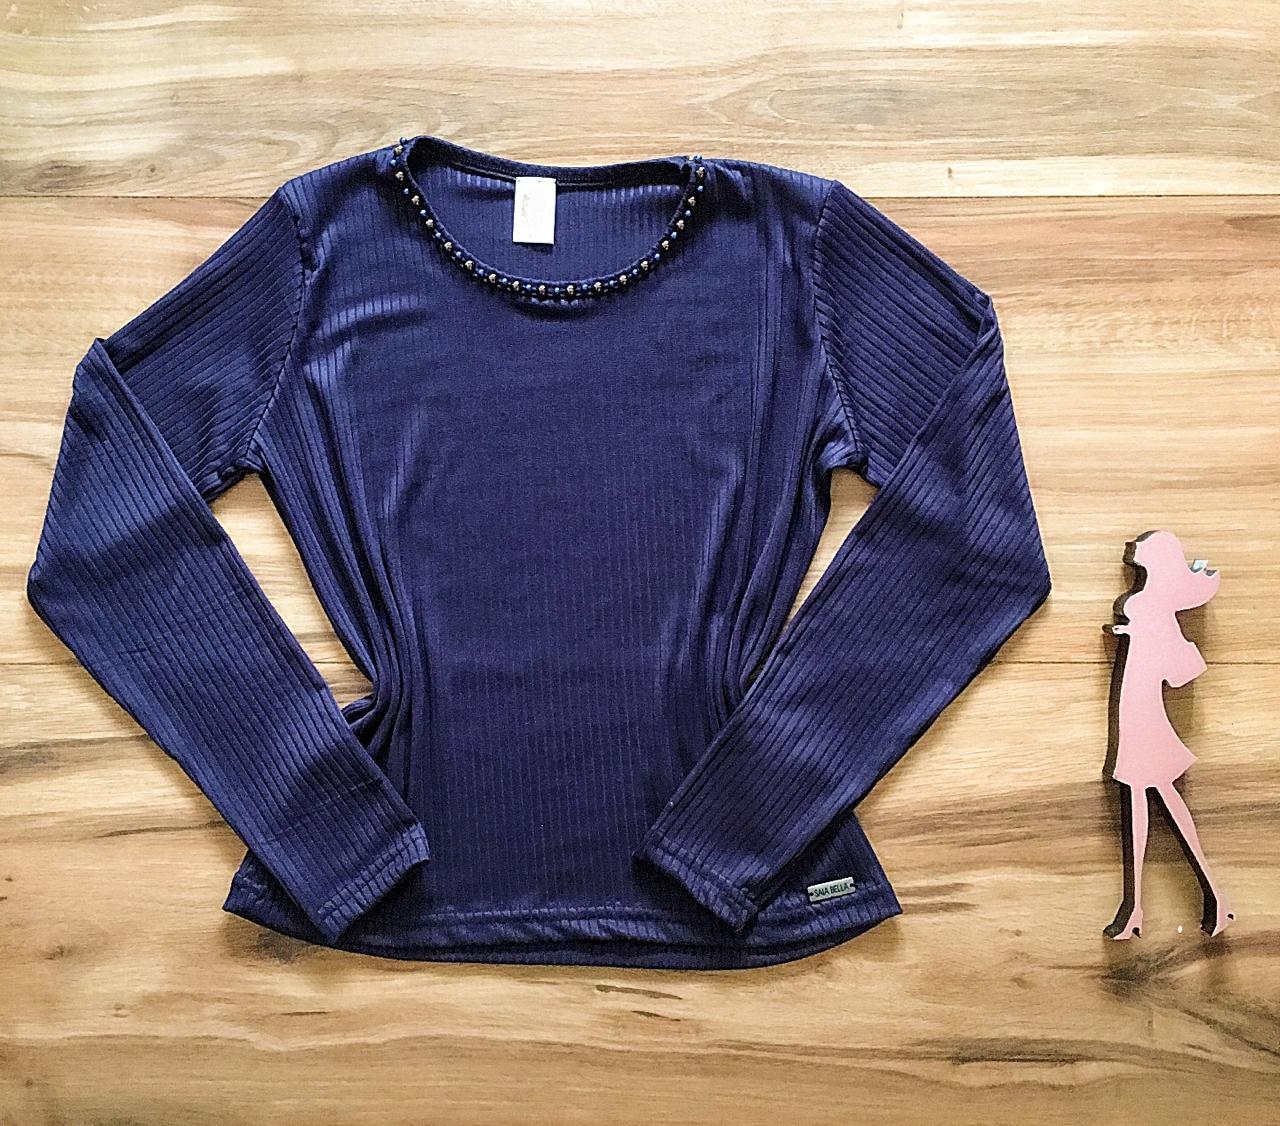 Blusa Canelada Saia Bella - SB3859 azul marinho